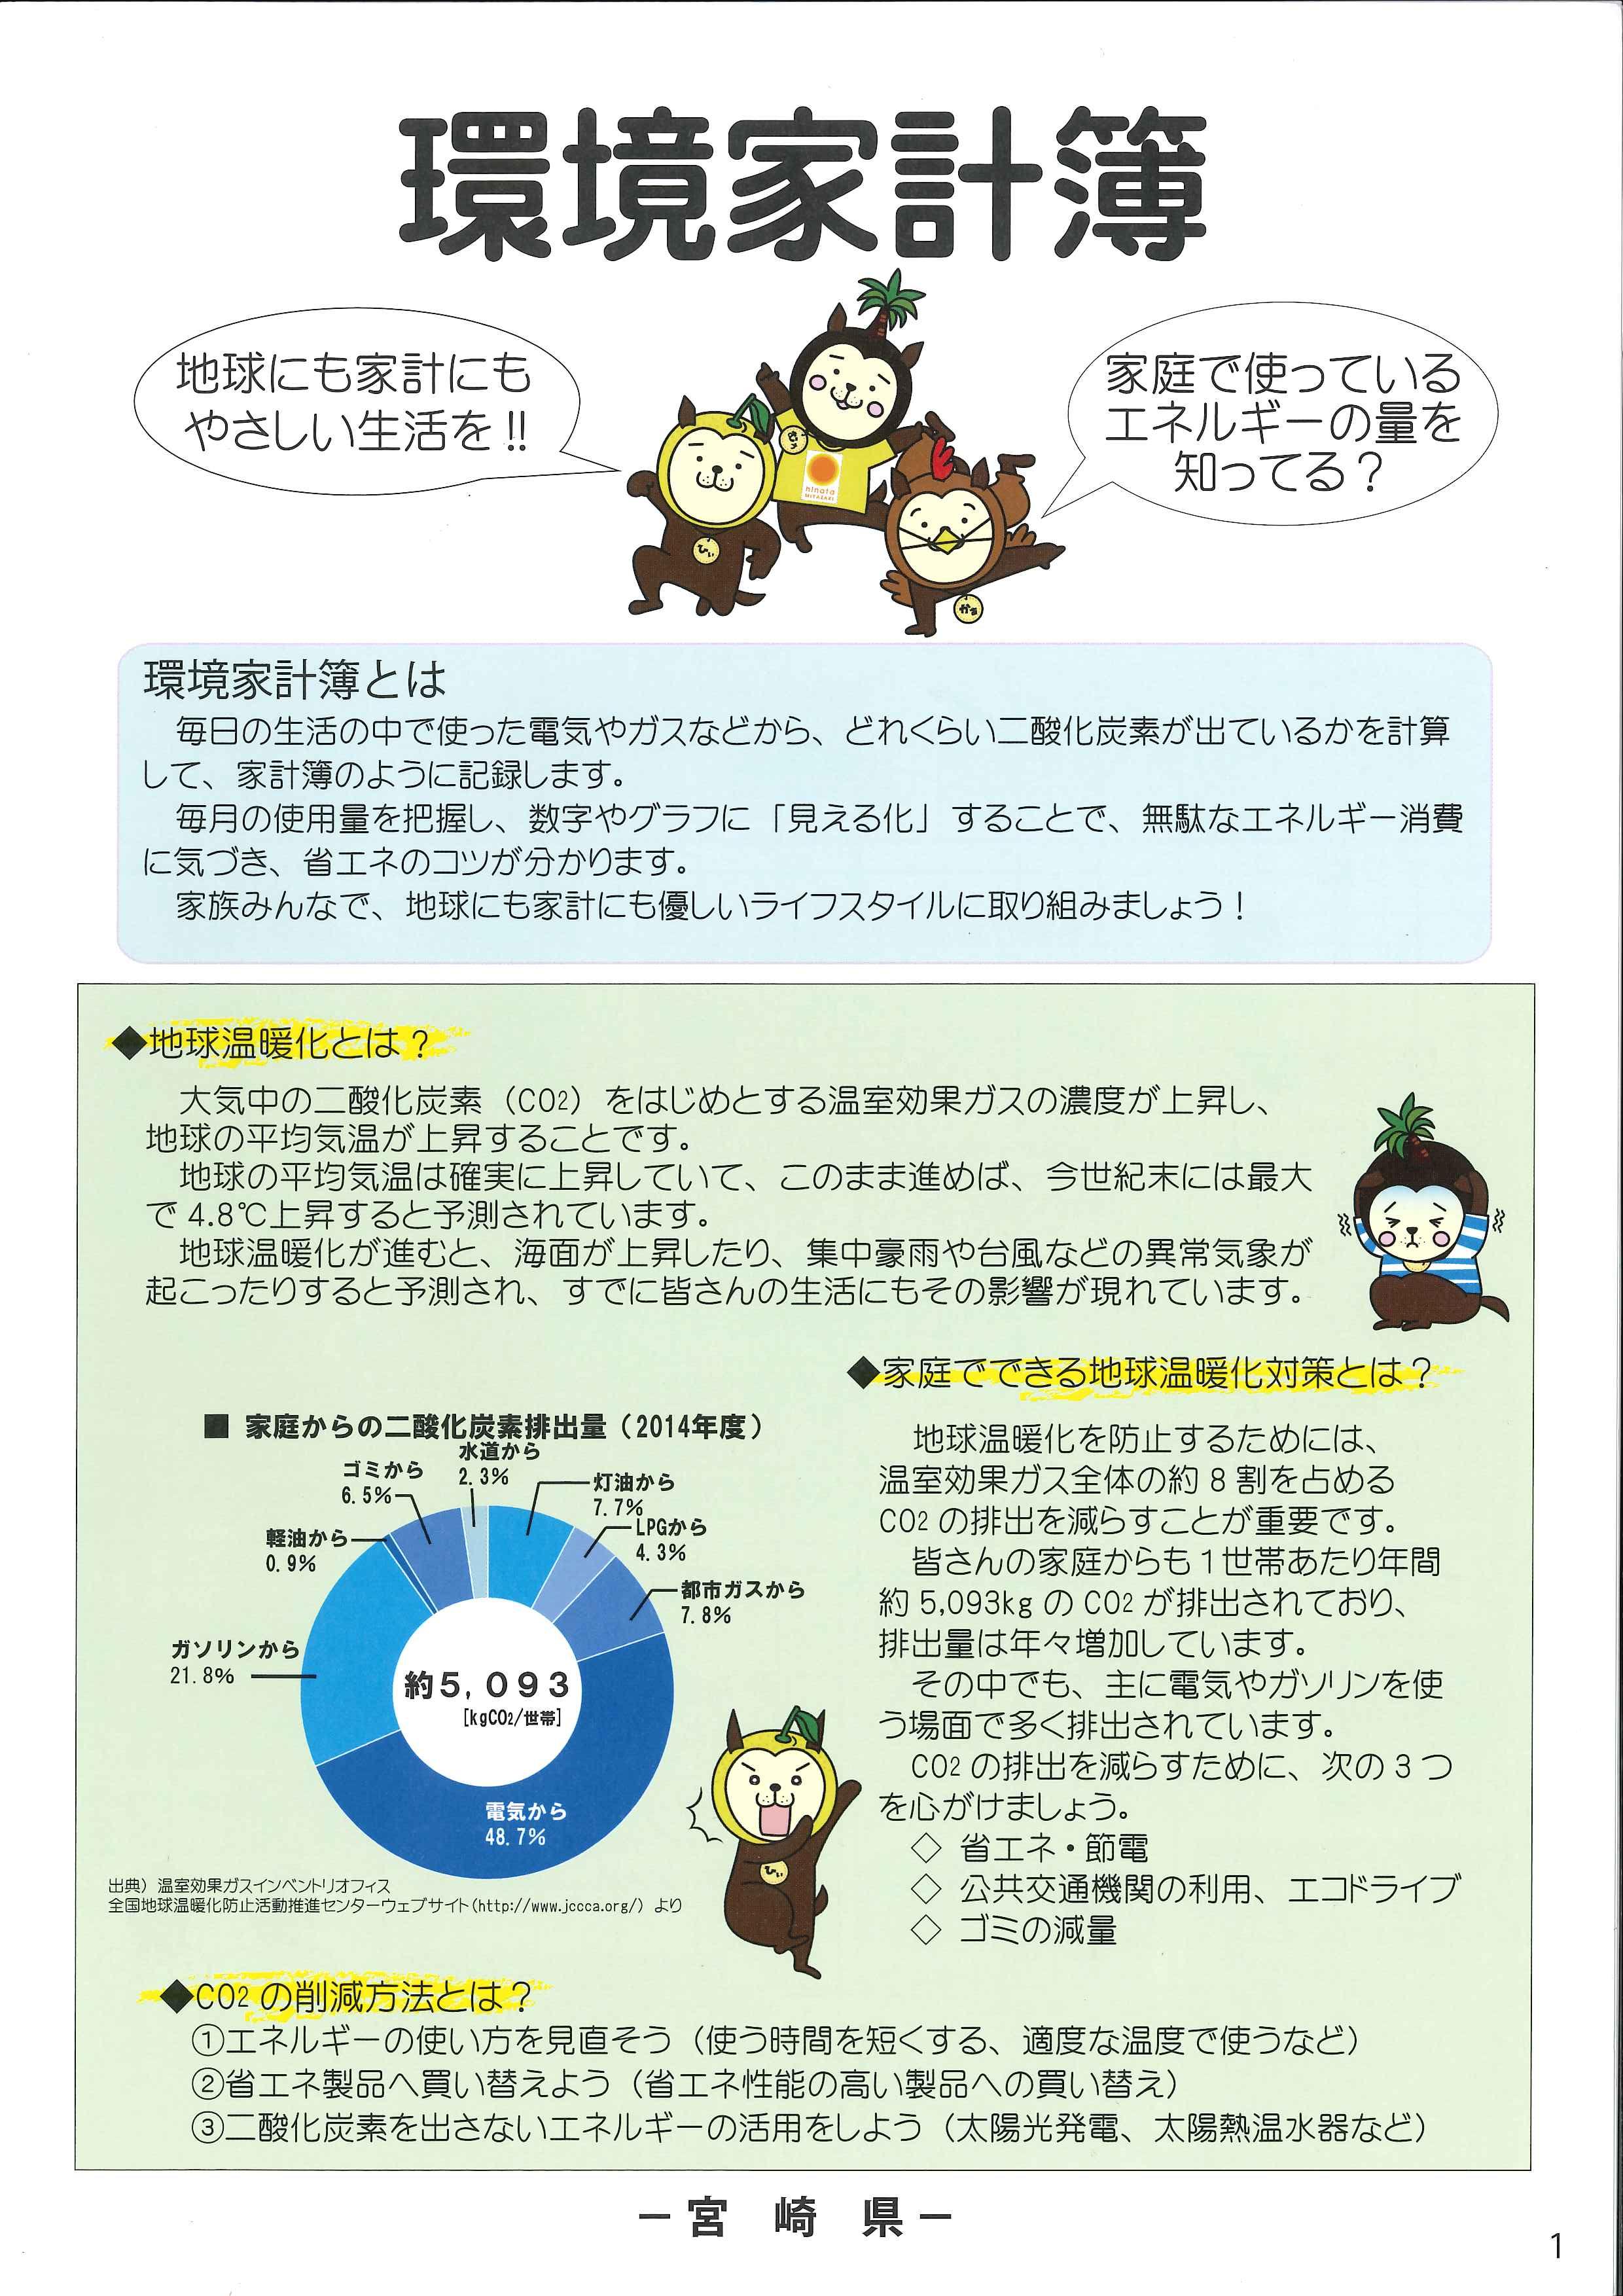 『環境家計簿』